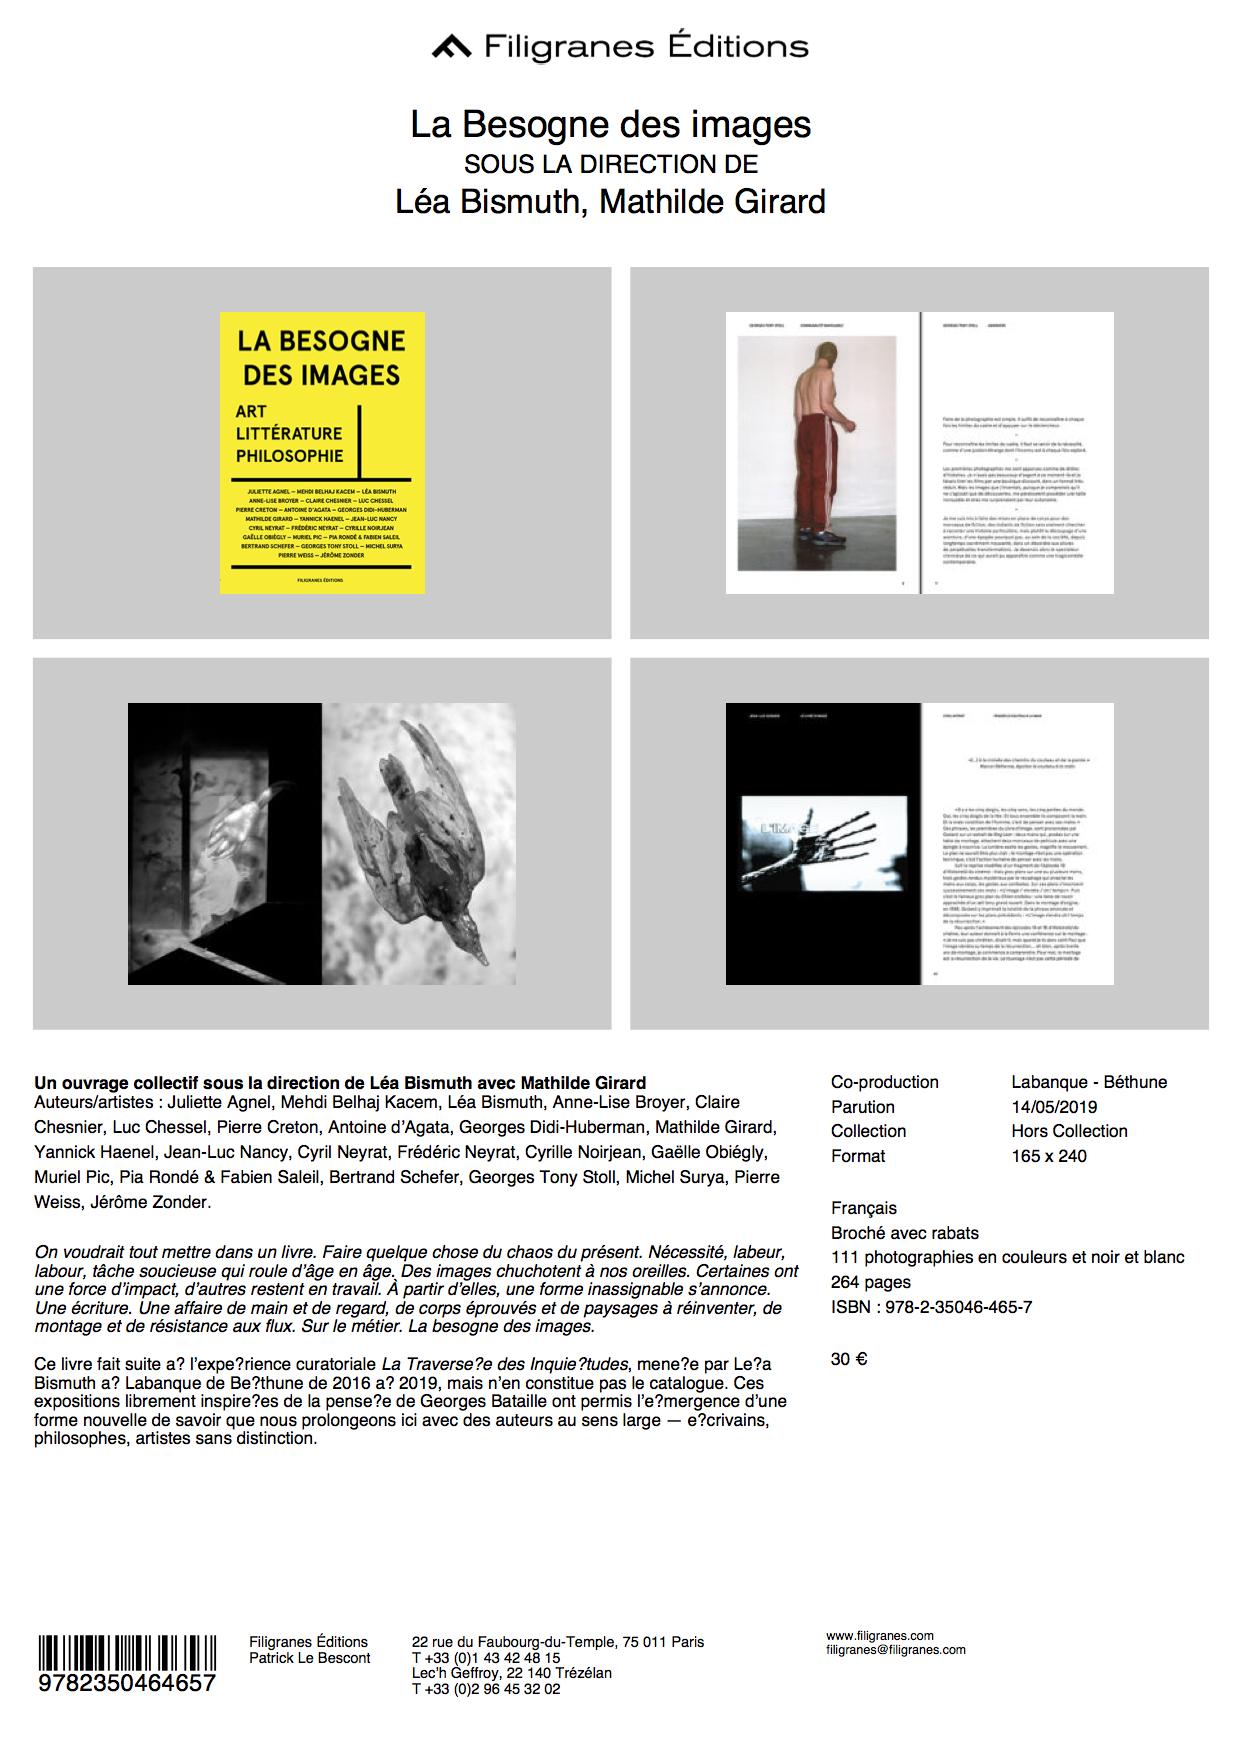 La_Besogne_des_images.jpg